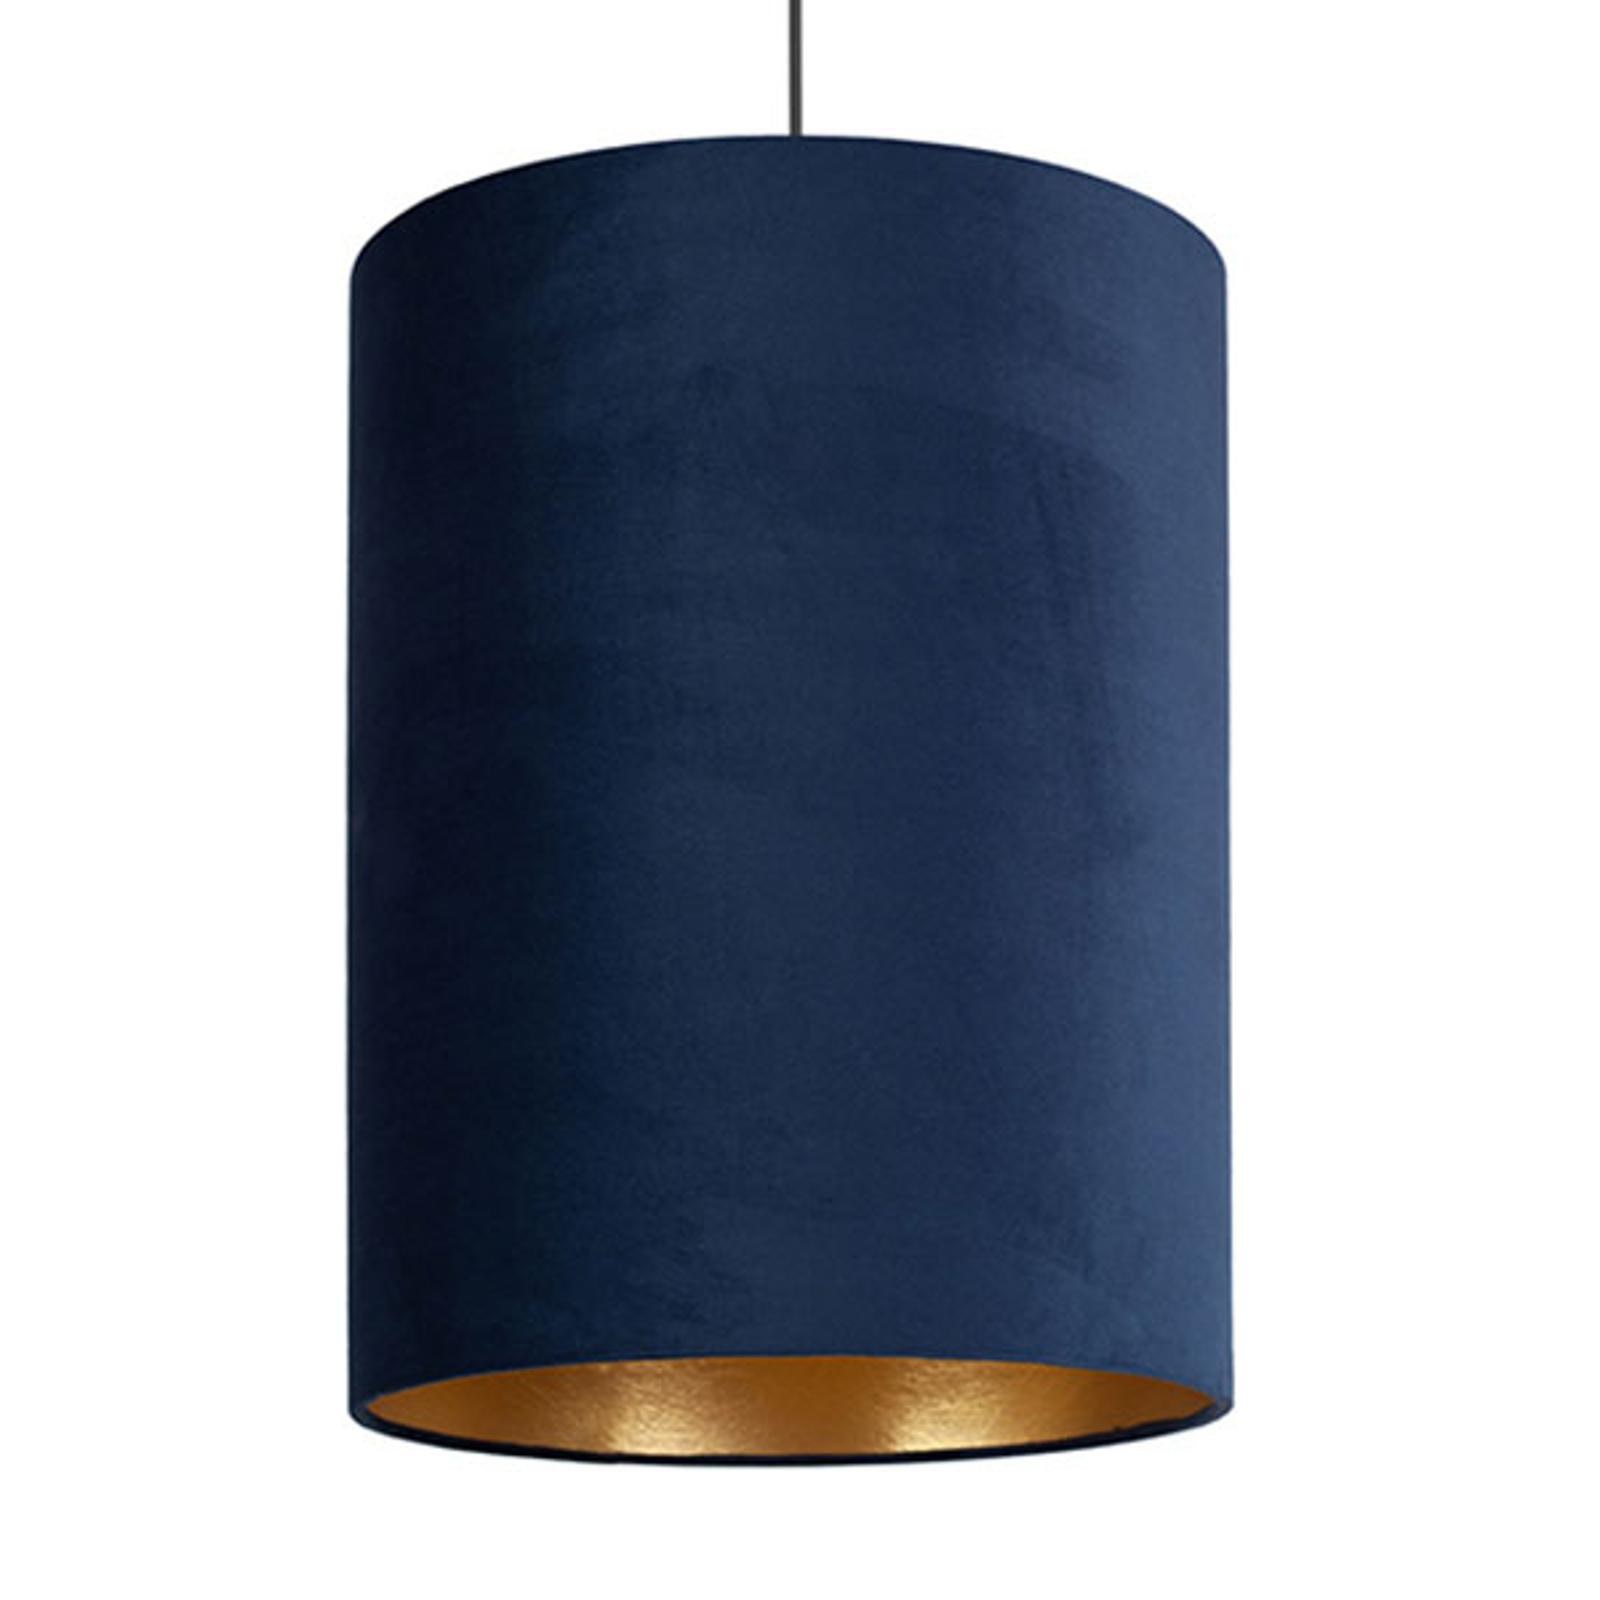 Hängelampe Barrel mit Schirm aus Samt, blau